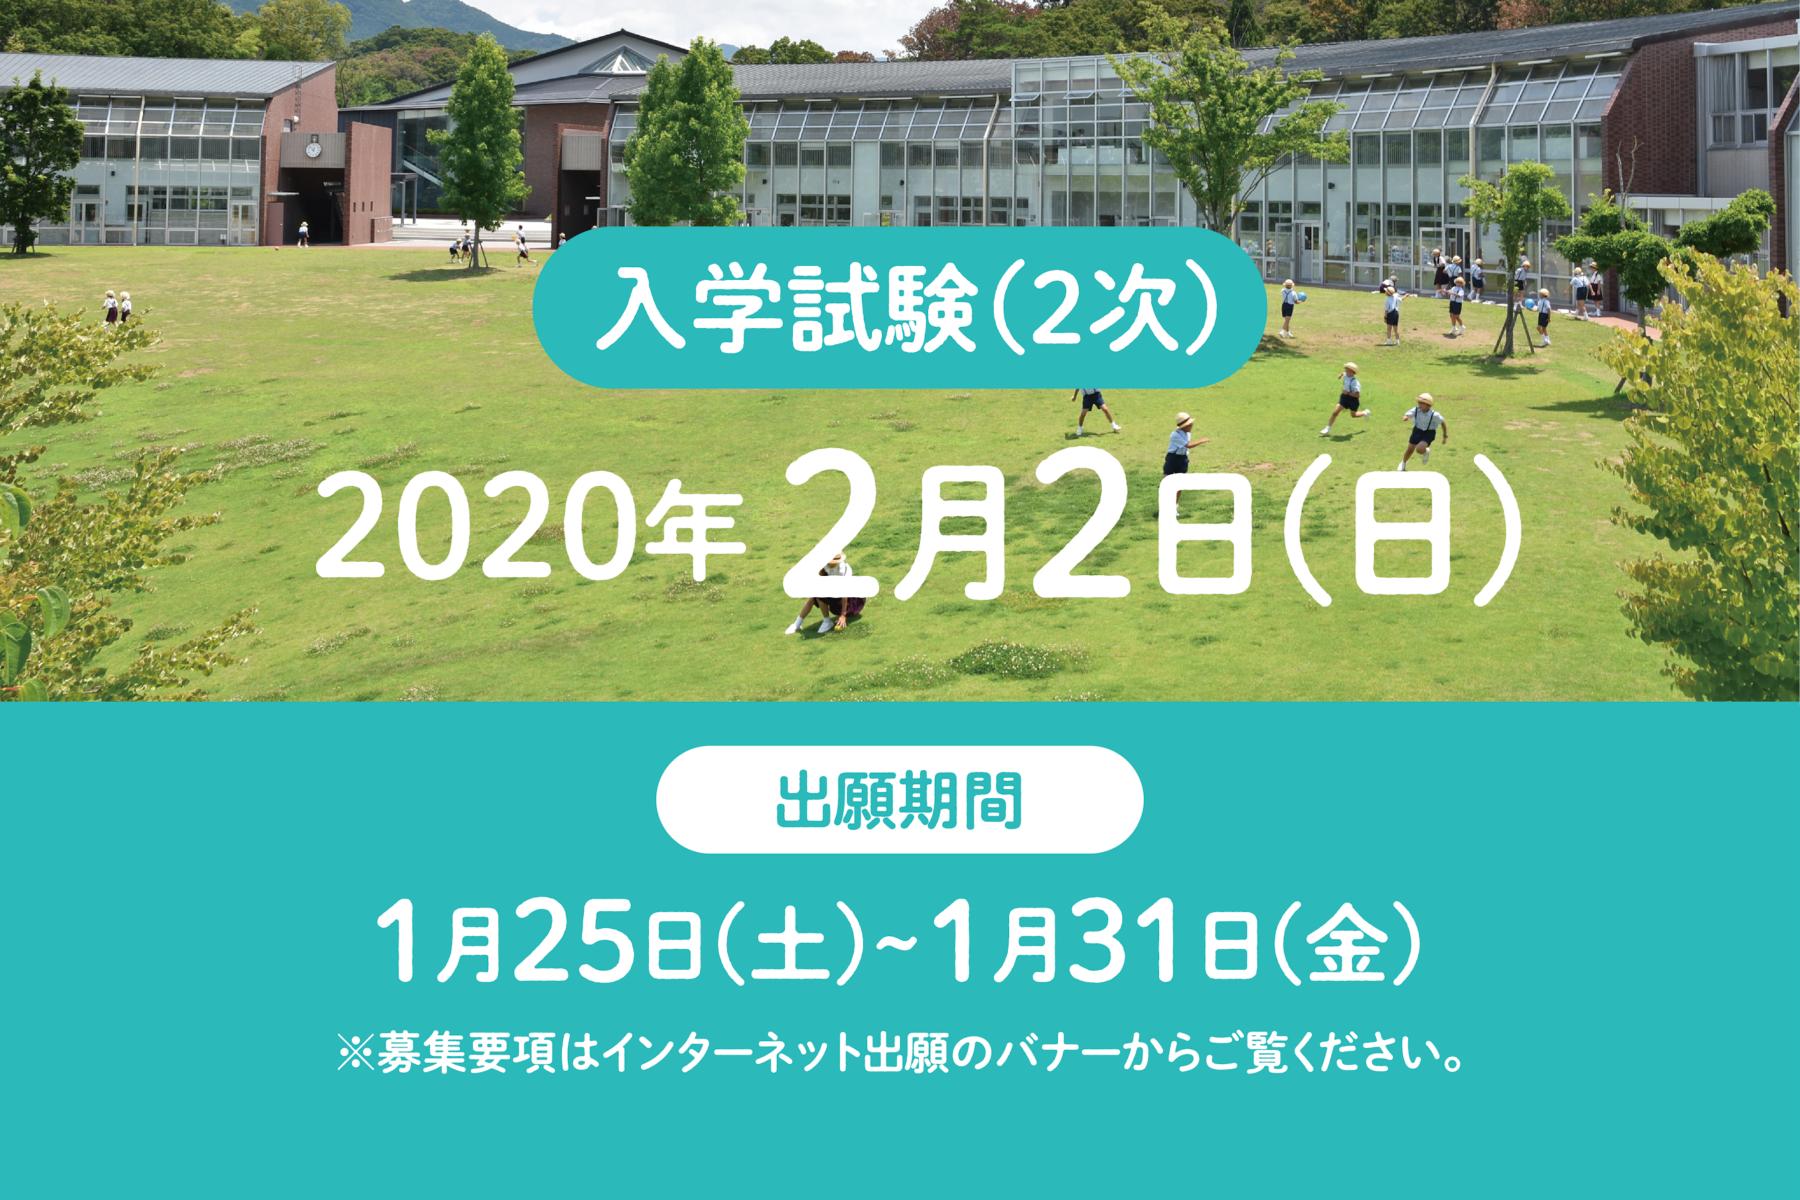 2020年度入学試験(2次) 出願開始 ※終了しました